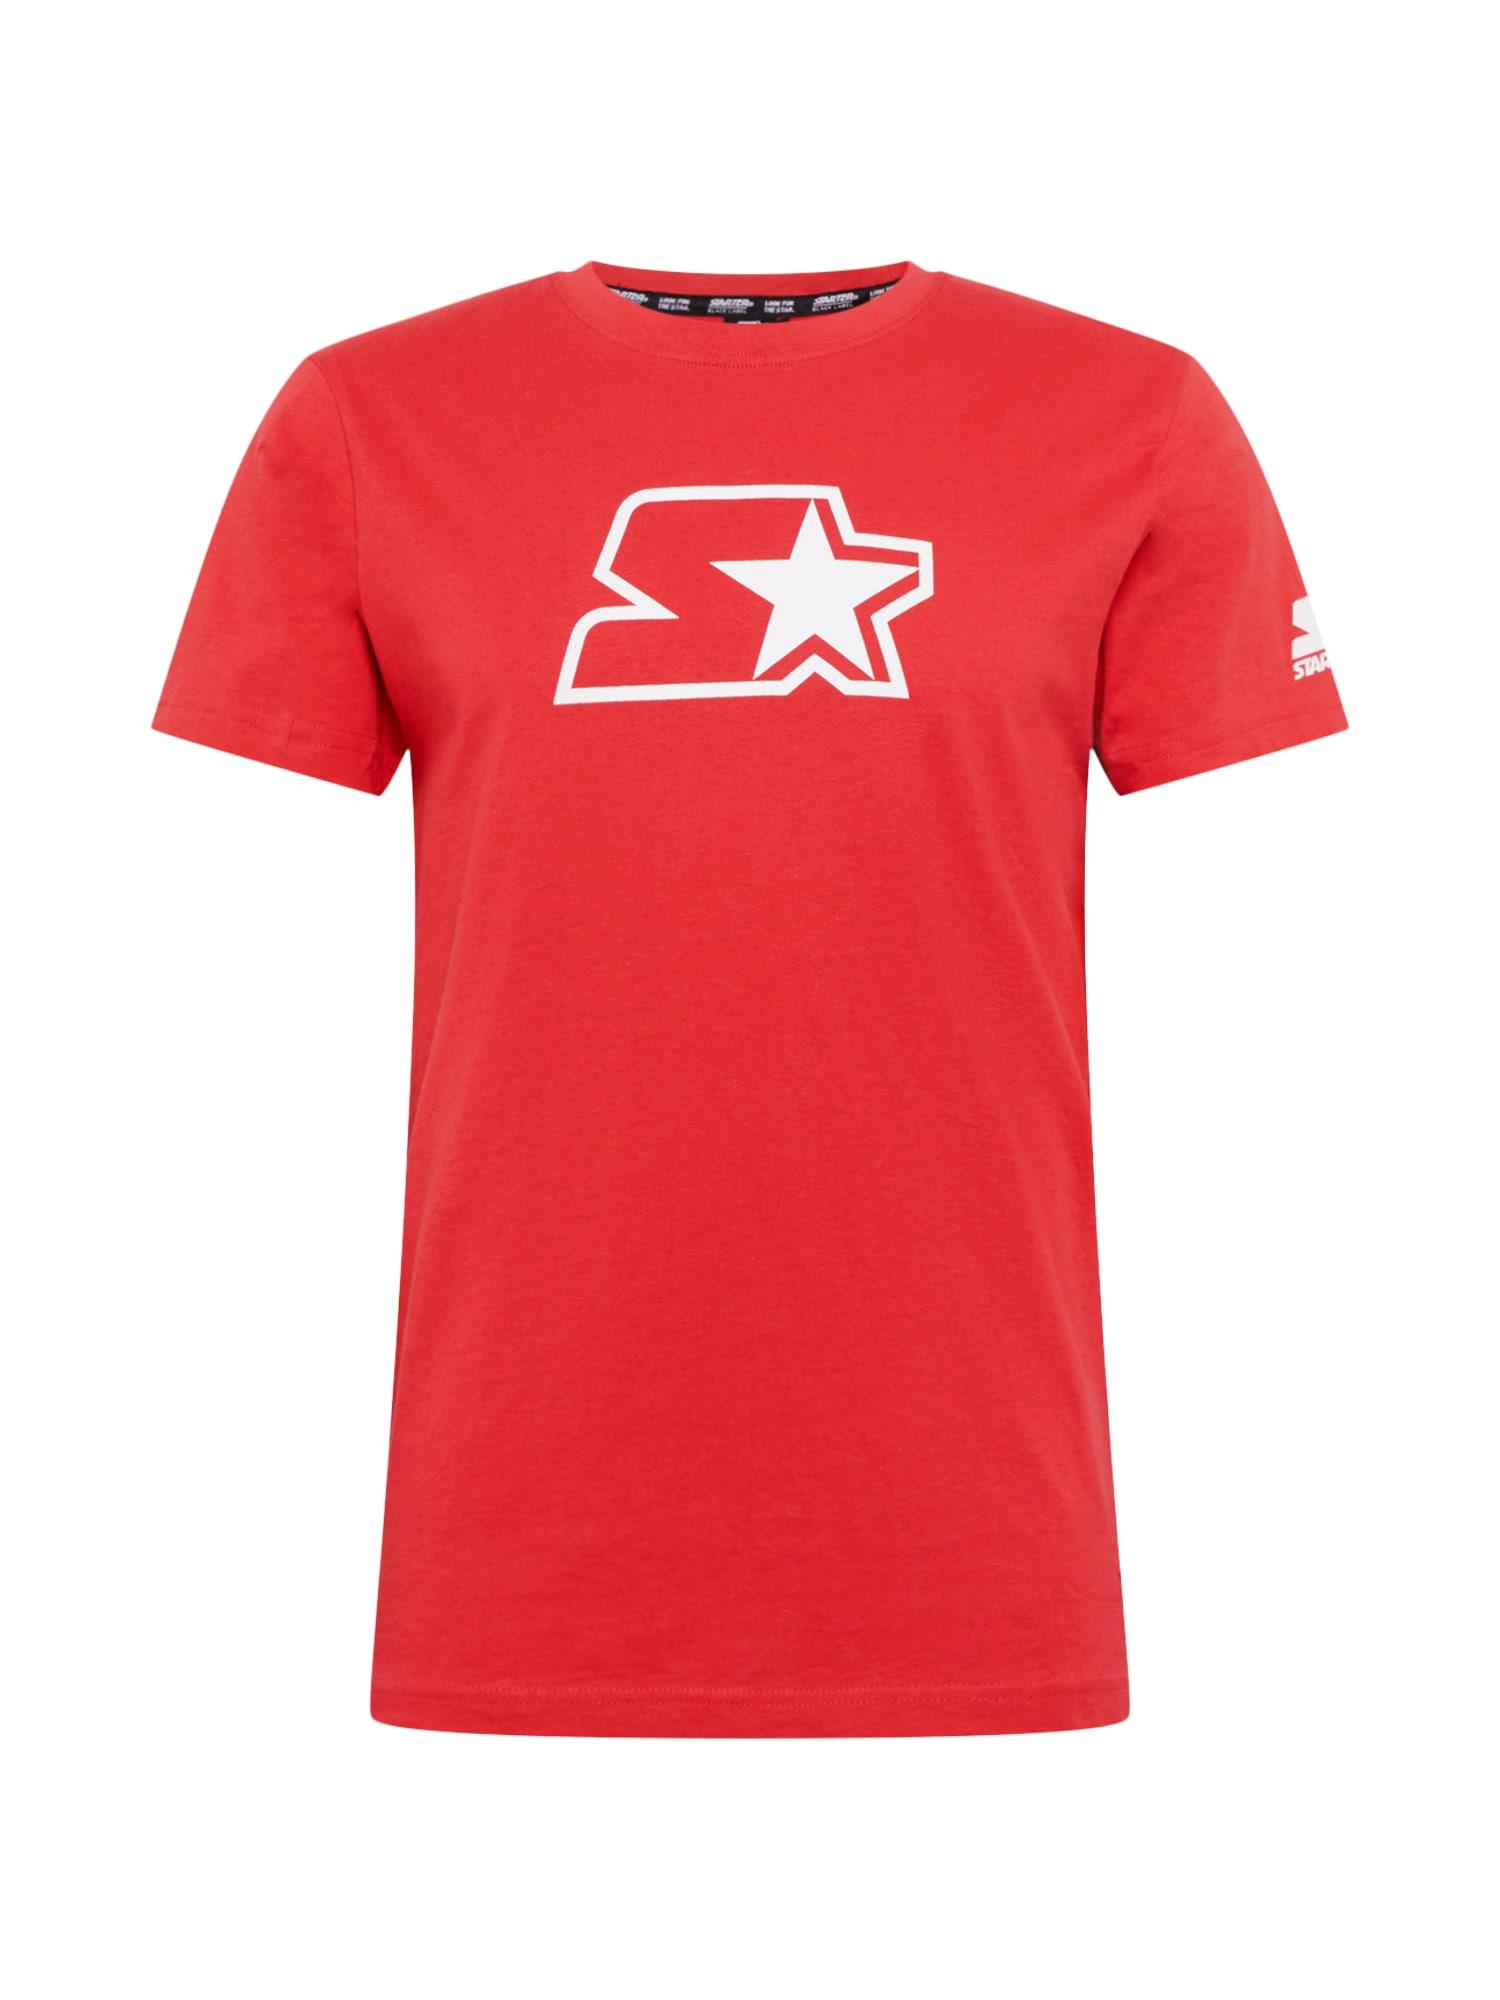 Starter Black Label Marškinėliai raudona / balta